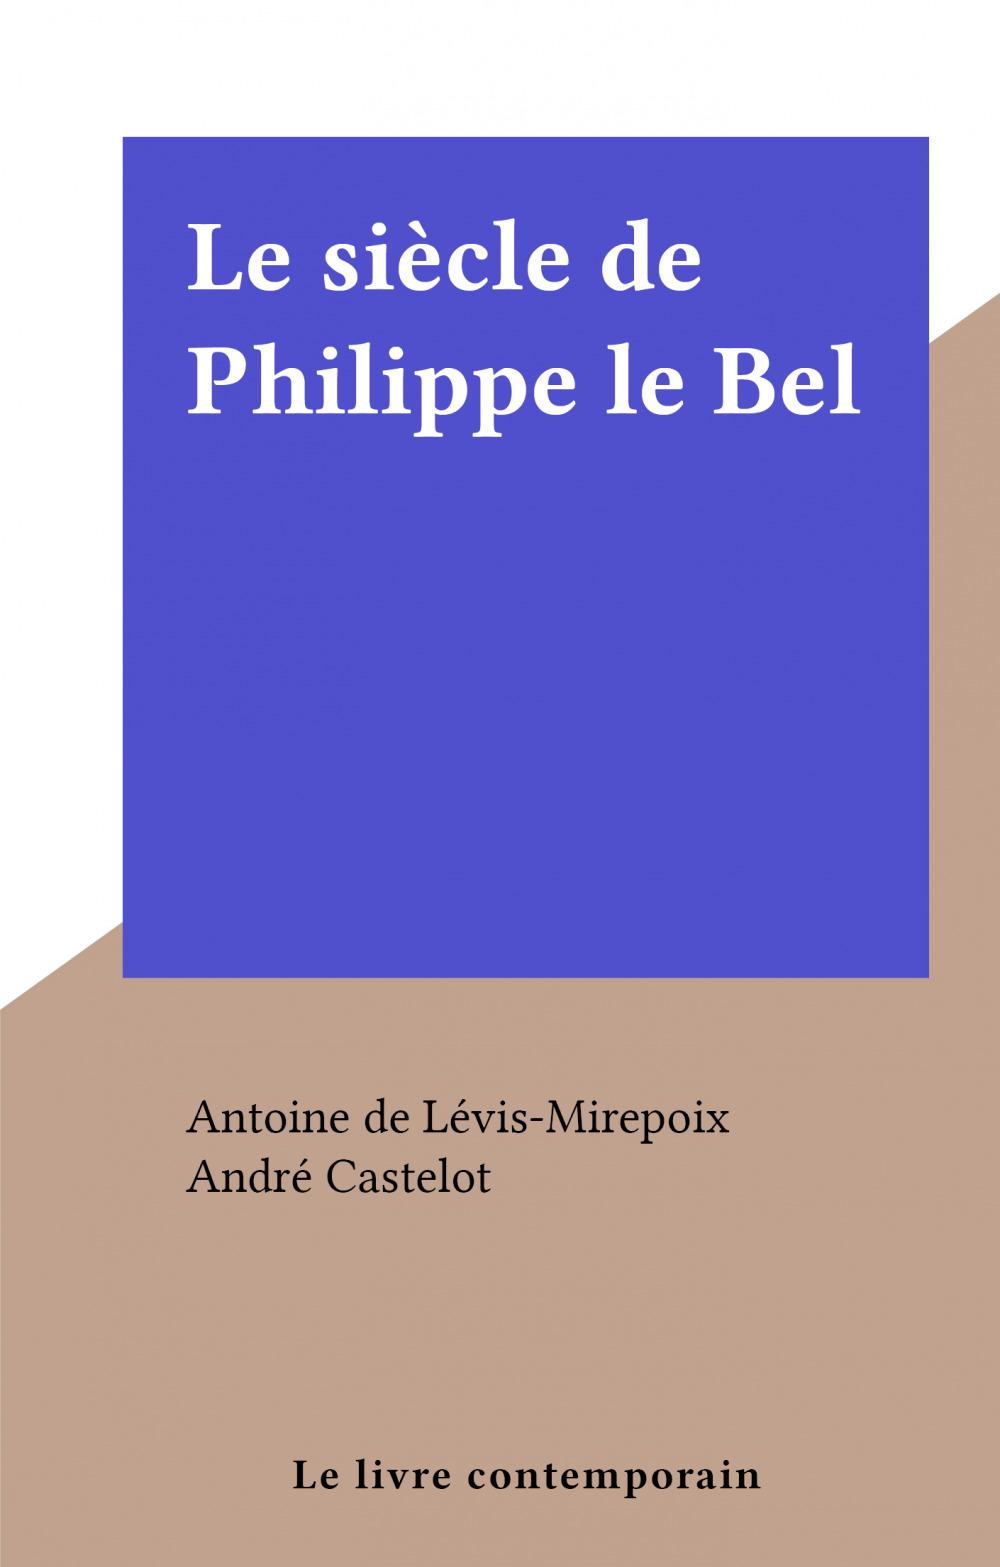 Le siècle de Philippe le Bel  - Antoine de Lévis-Mirepoix